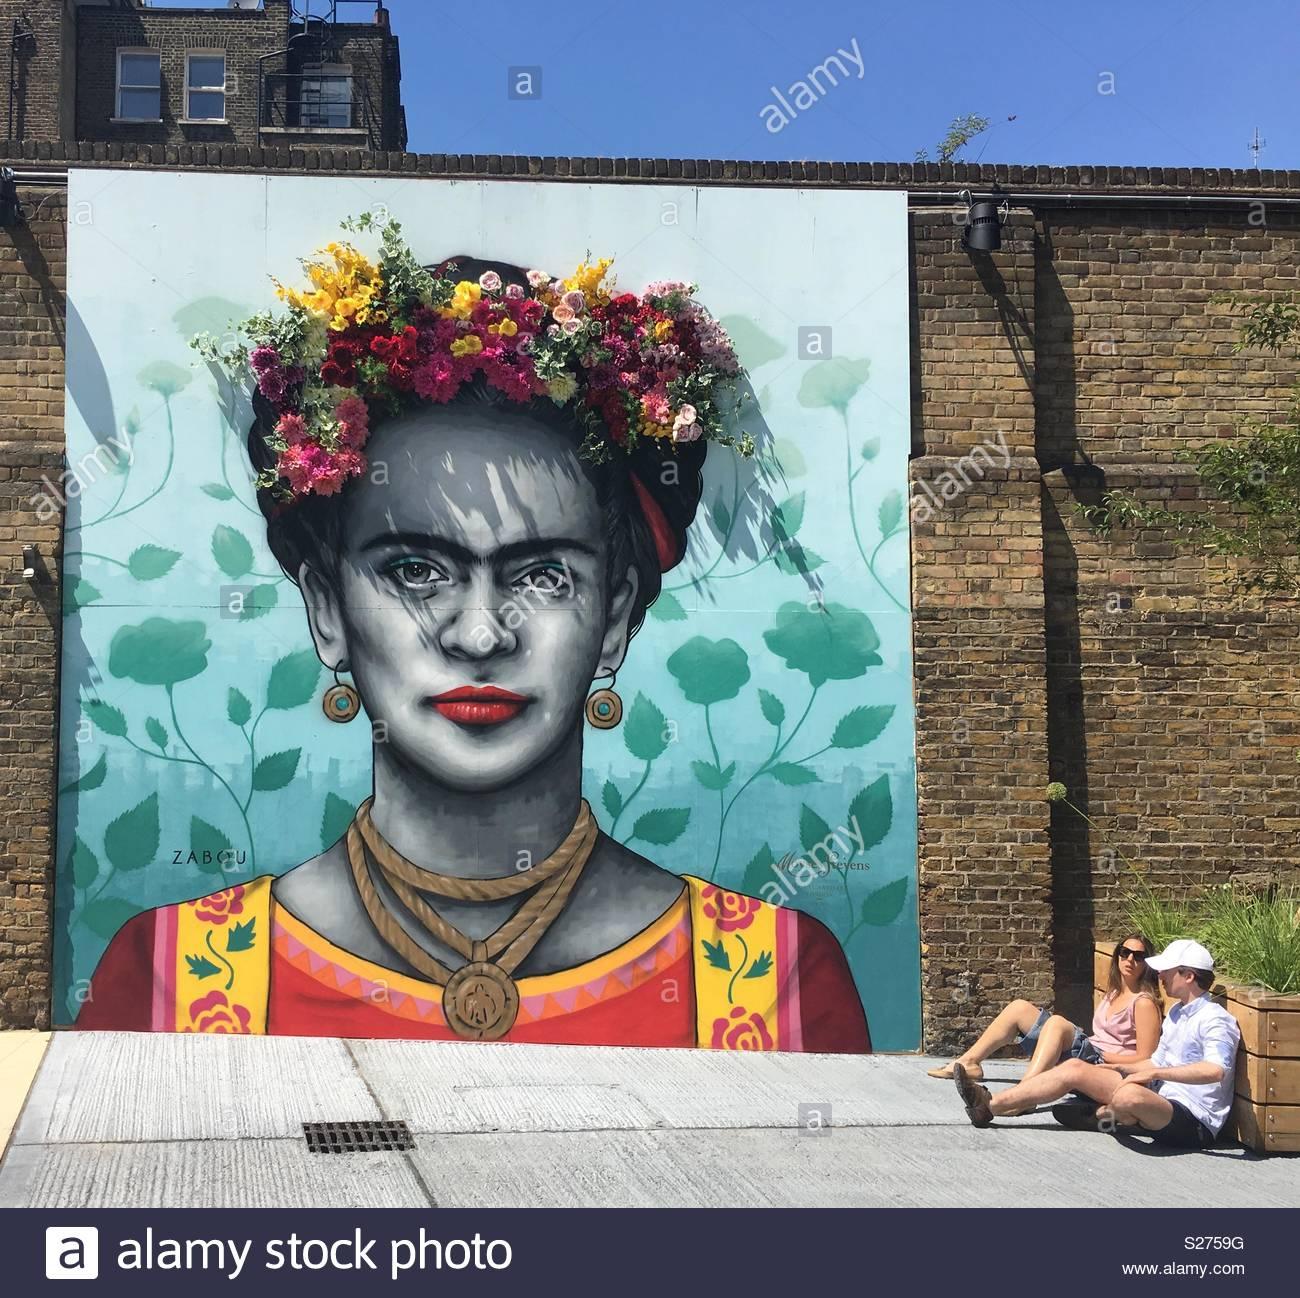 Frida Kahlo Wandbild mit frischen Blumen von Zabou in Victoria, London Stockbild